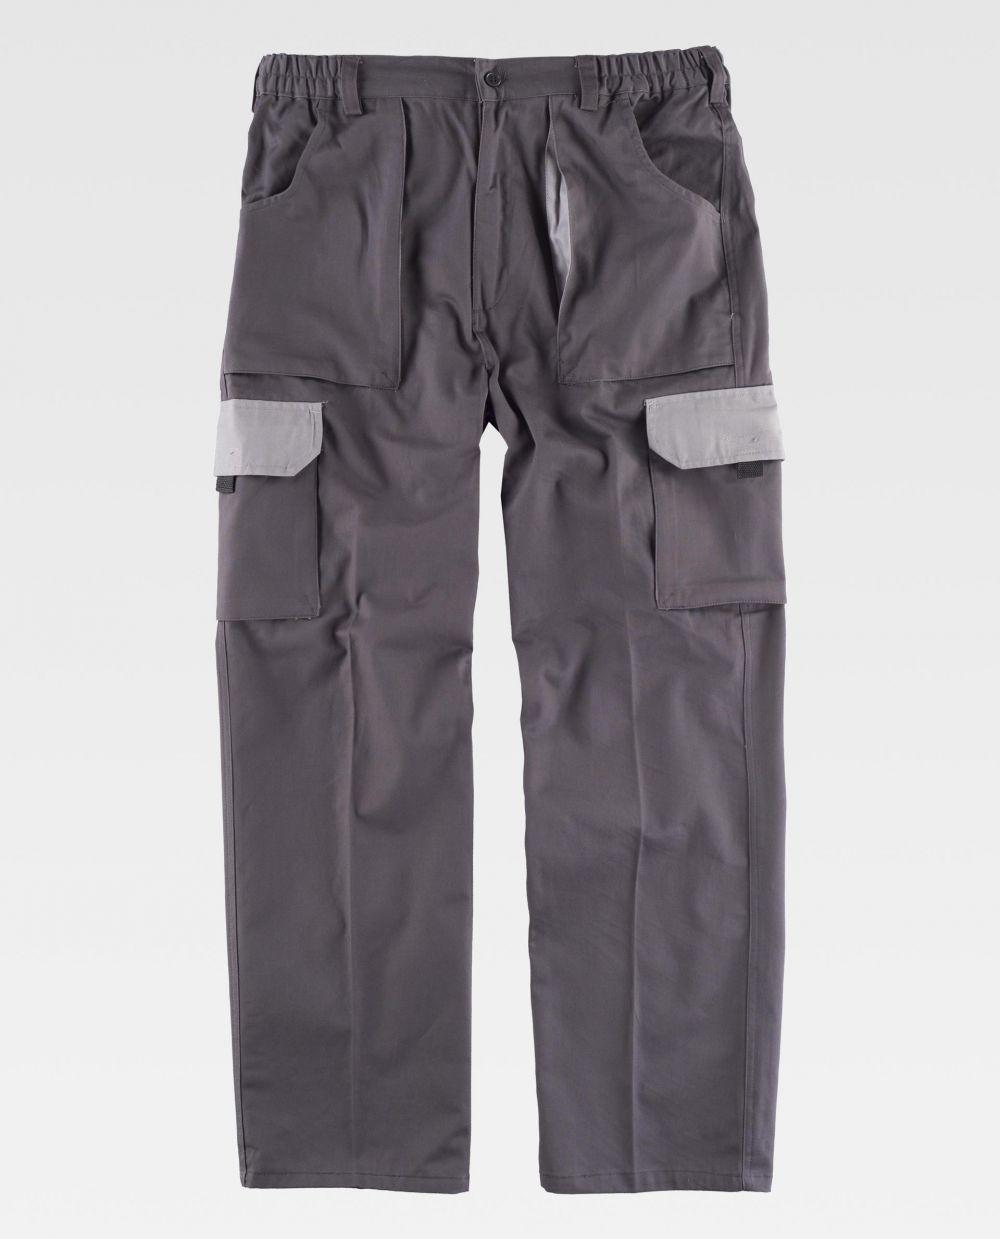 Pantalones de trabajo workteam wf1560 de 100% algodón vista 2